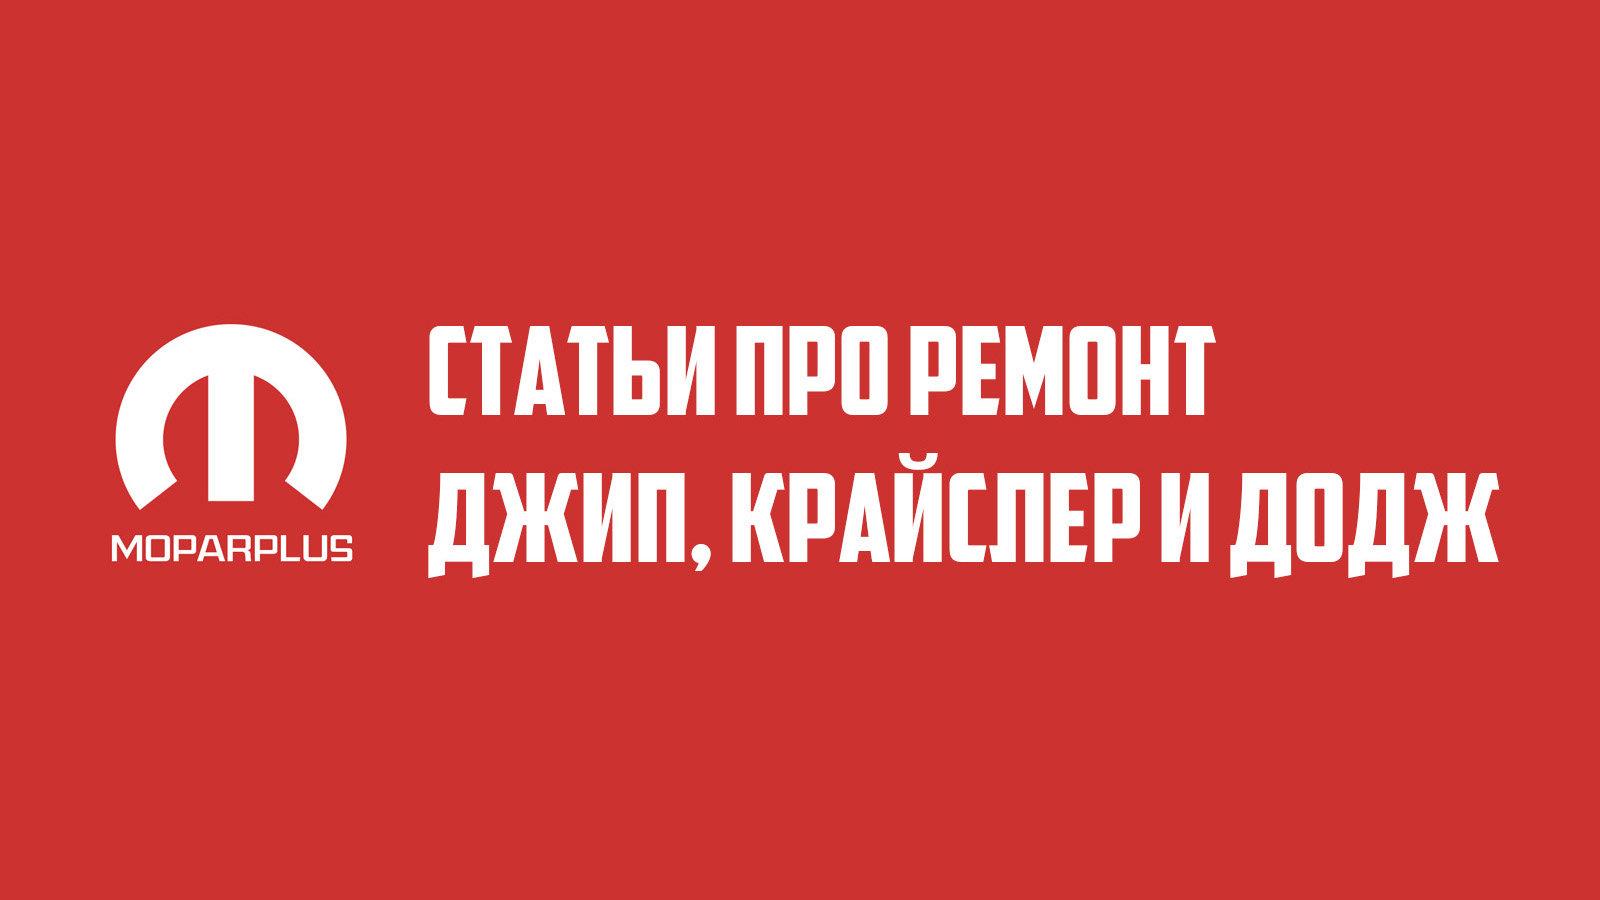 Статьи про ремонт. Выпуск №40.